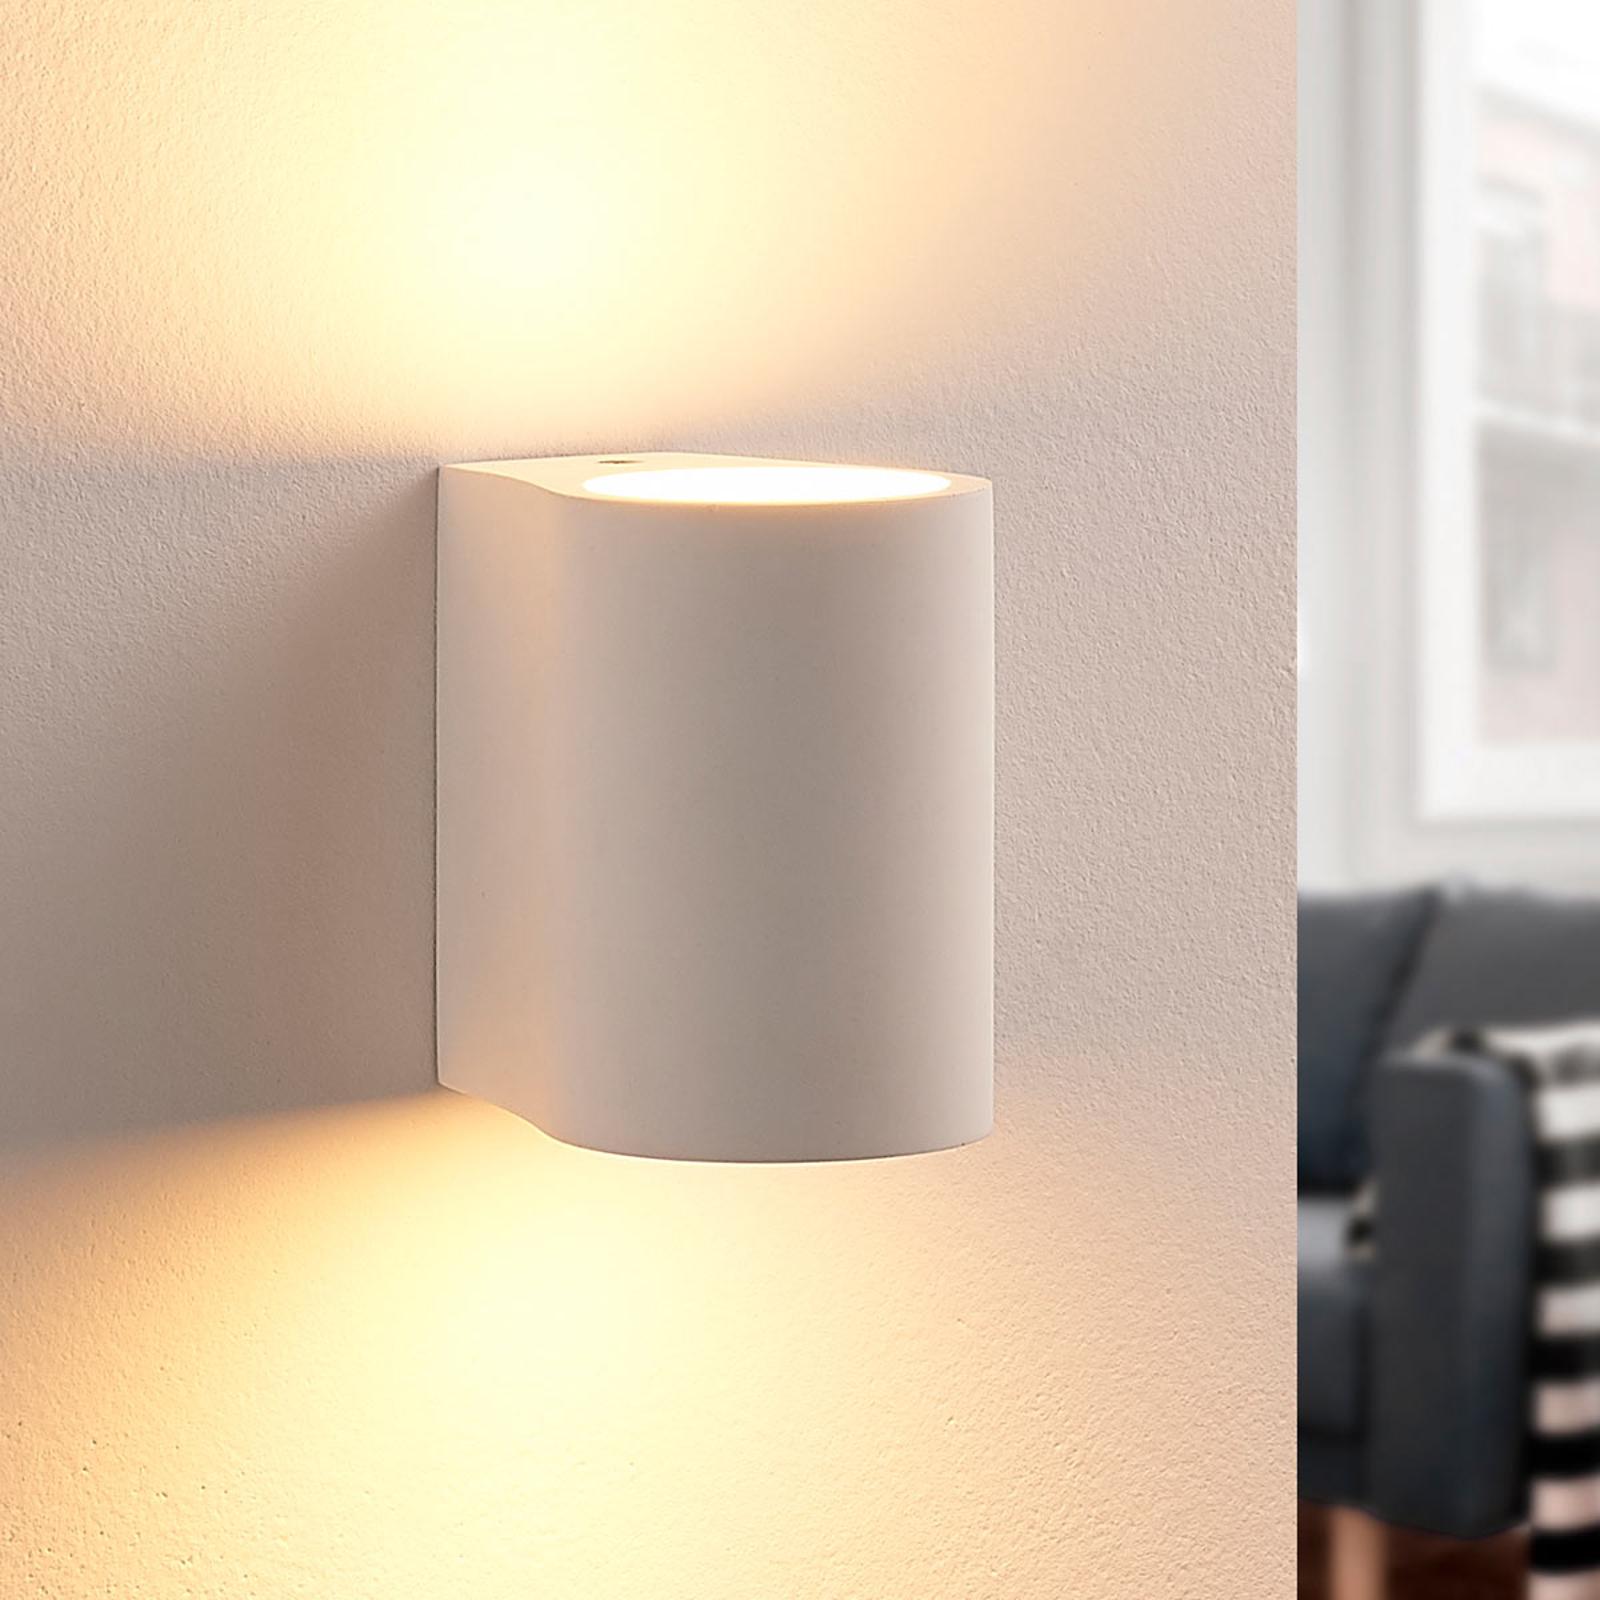 LED-Wandleuchte Jannes aus Gips, rund